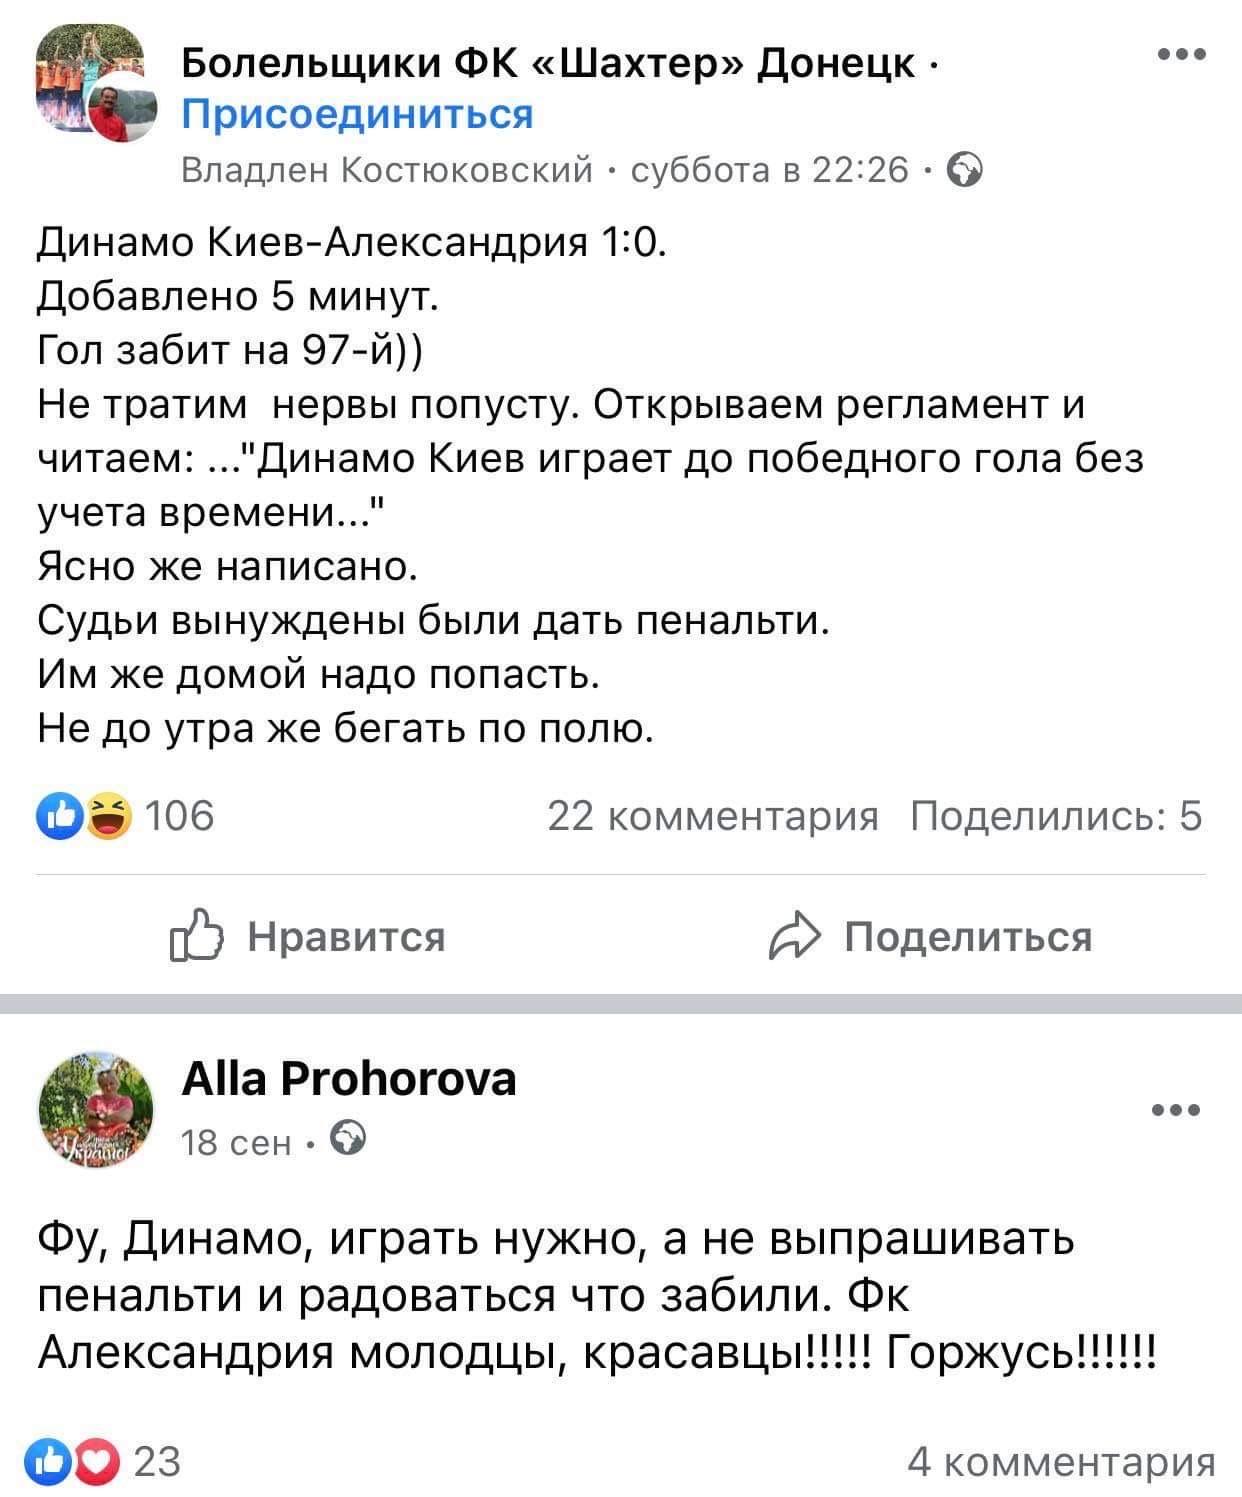 Без прозрачного судейства и системы VAR «Динамо» не видать домашней победы: обзор оценок матча с «Александрией» - фото 5